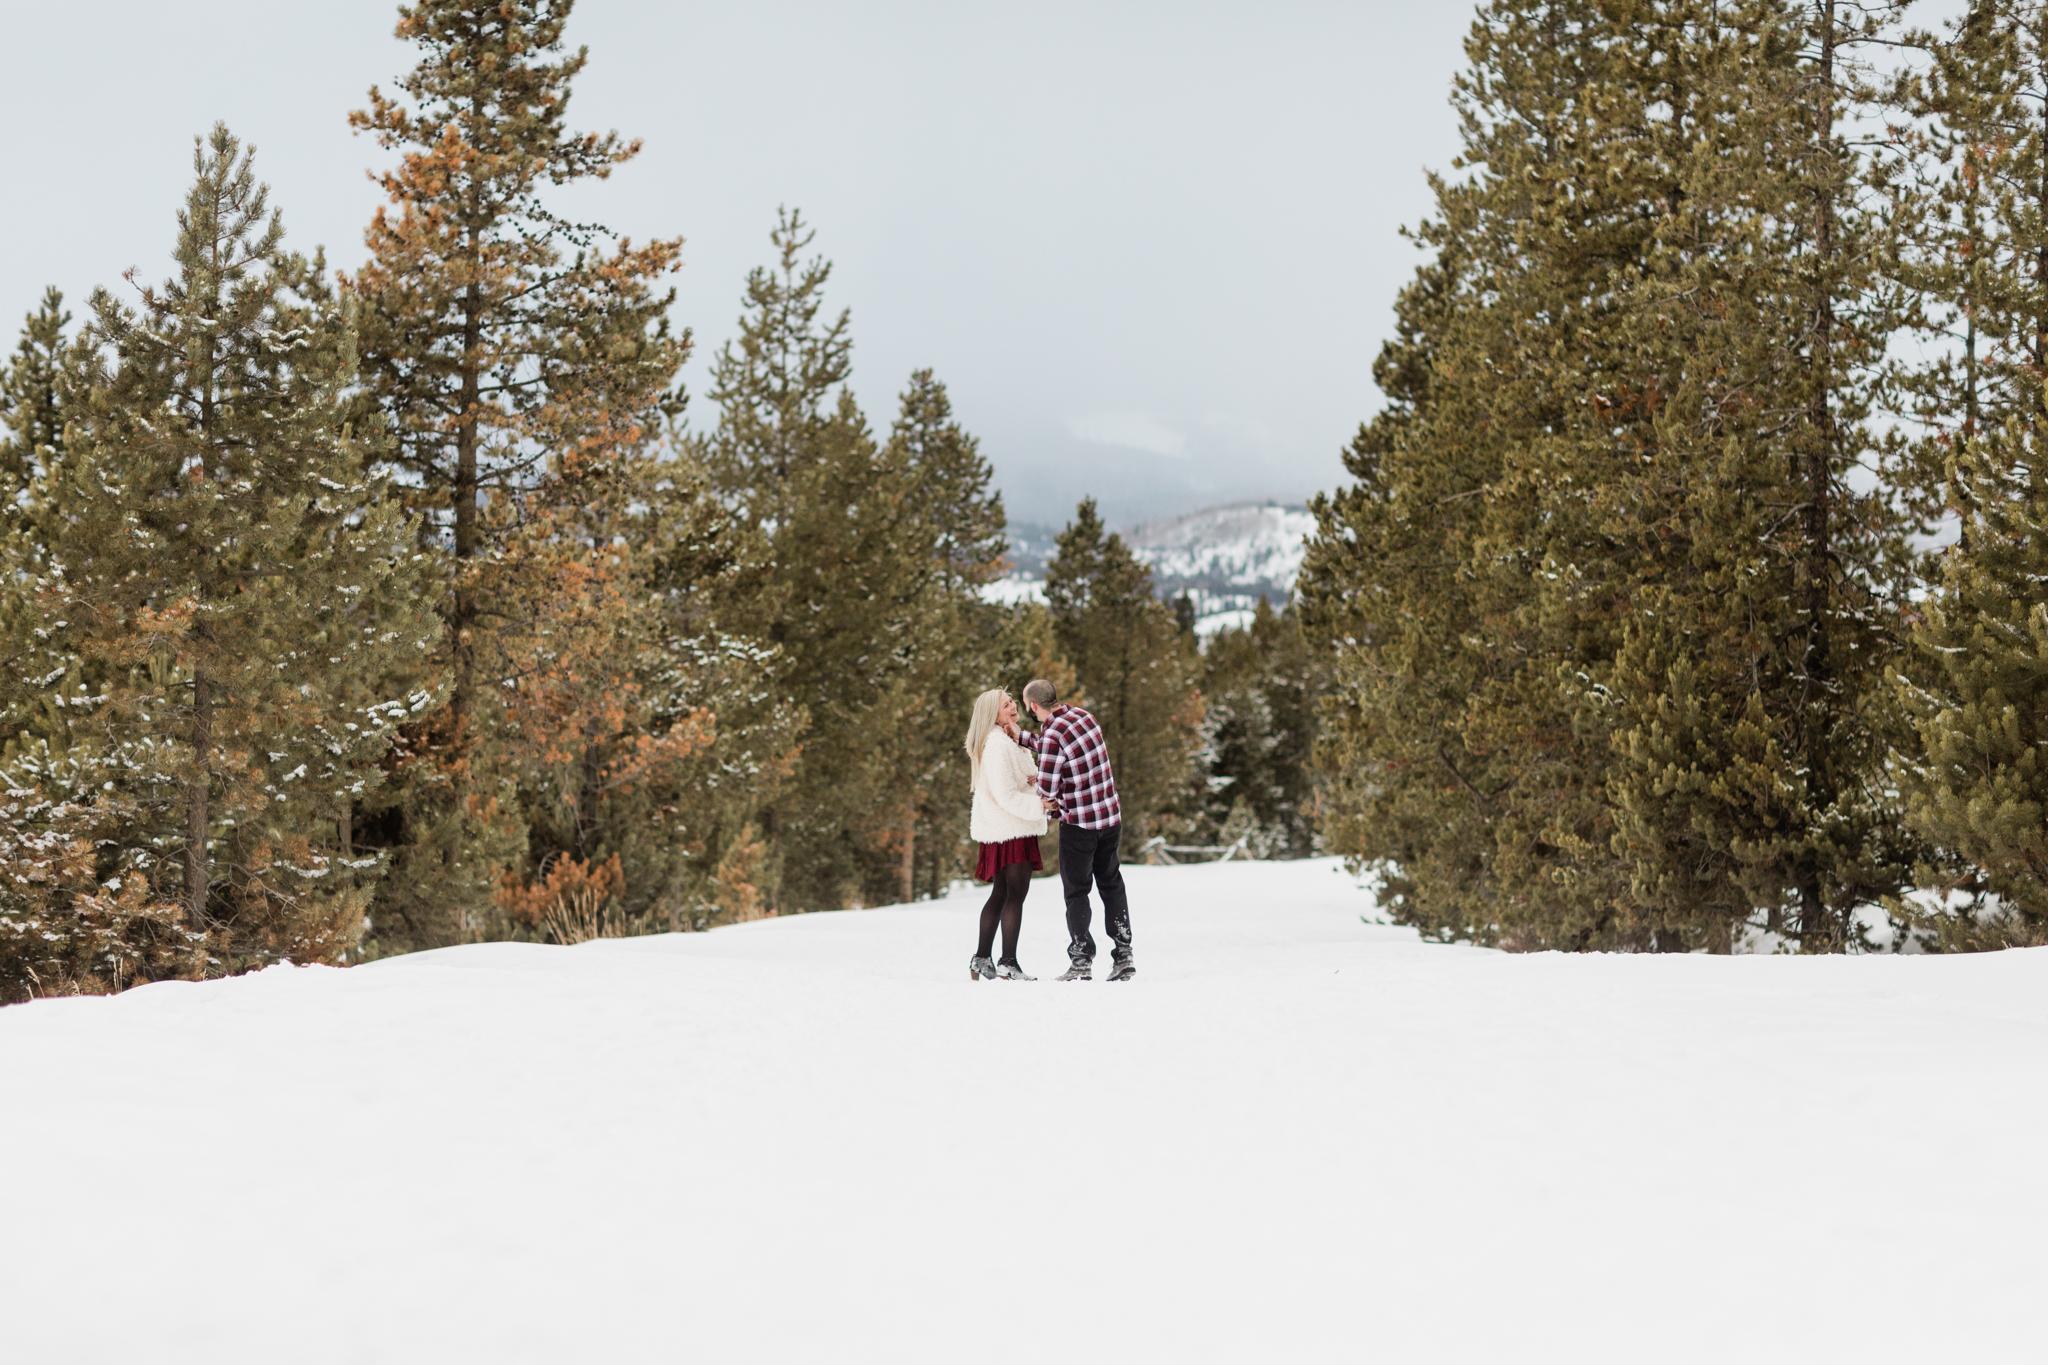 Windy_Point_Breckenridge_Winter_Proposal_18